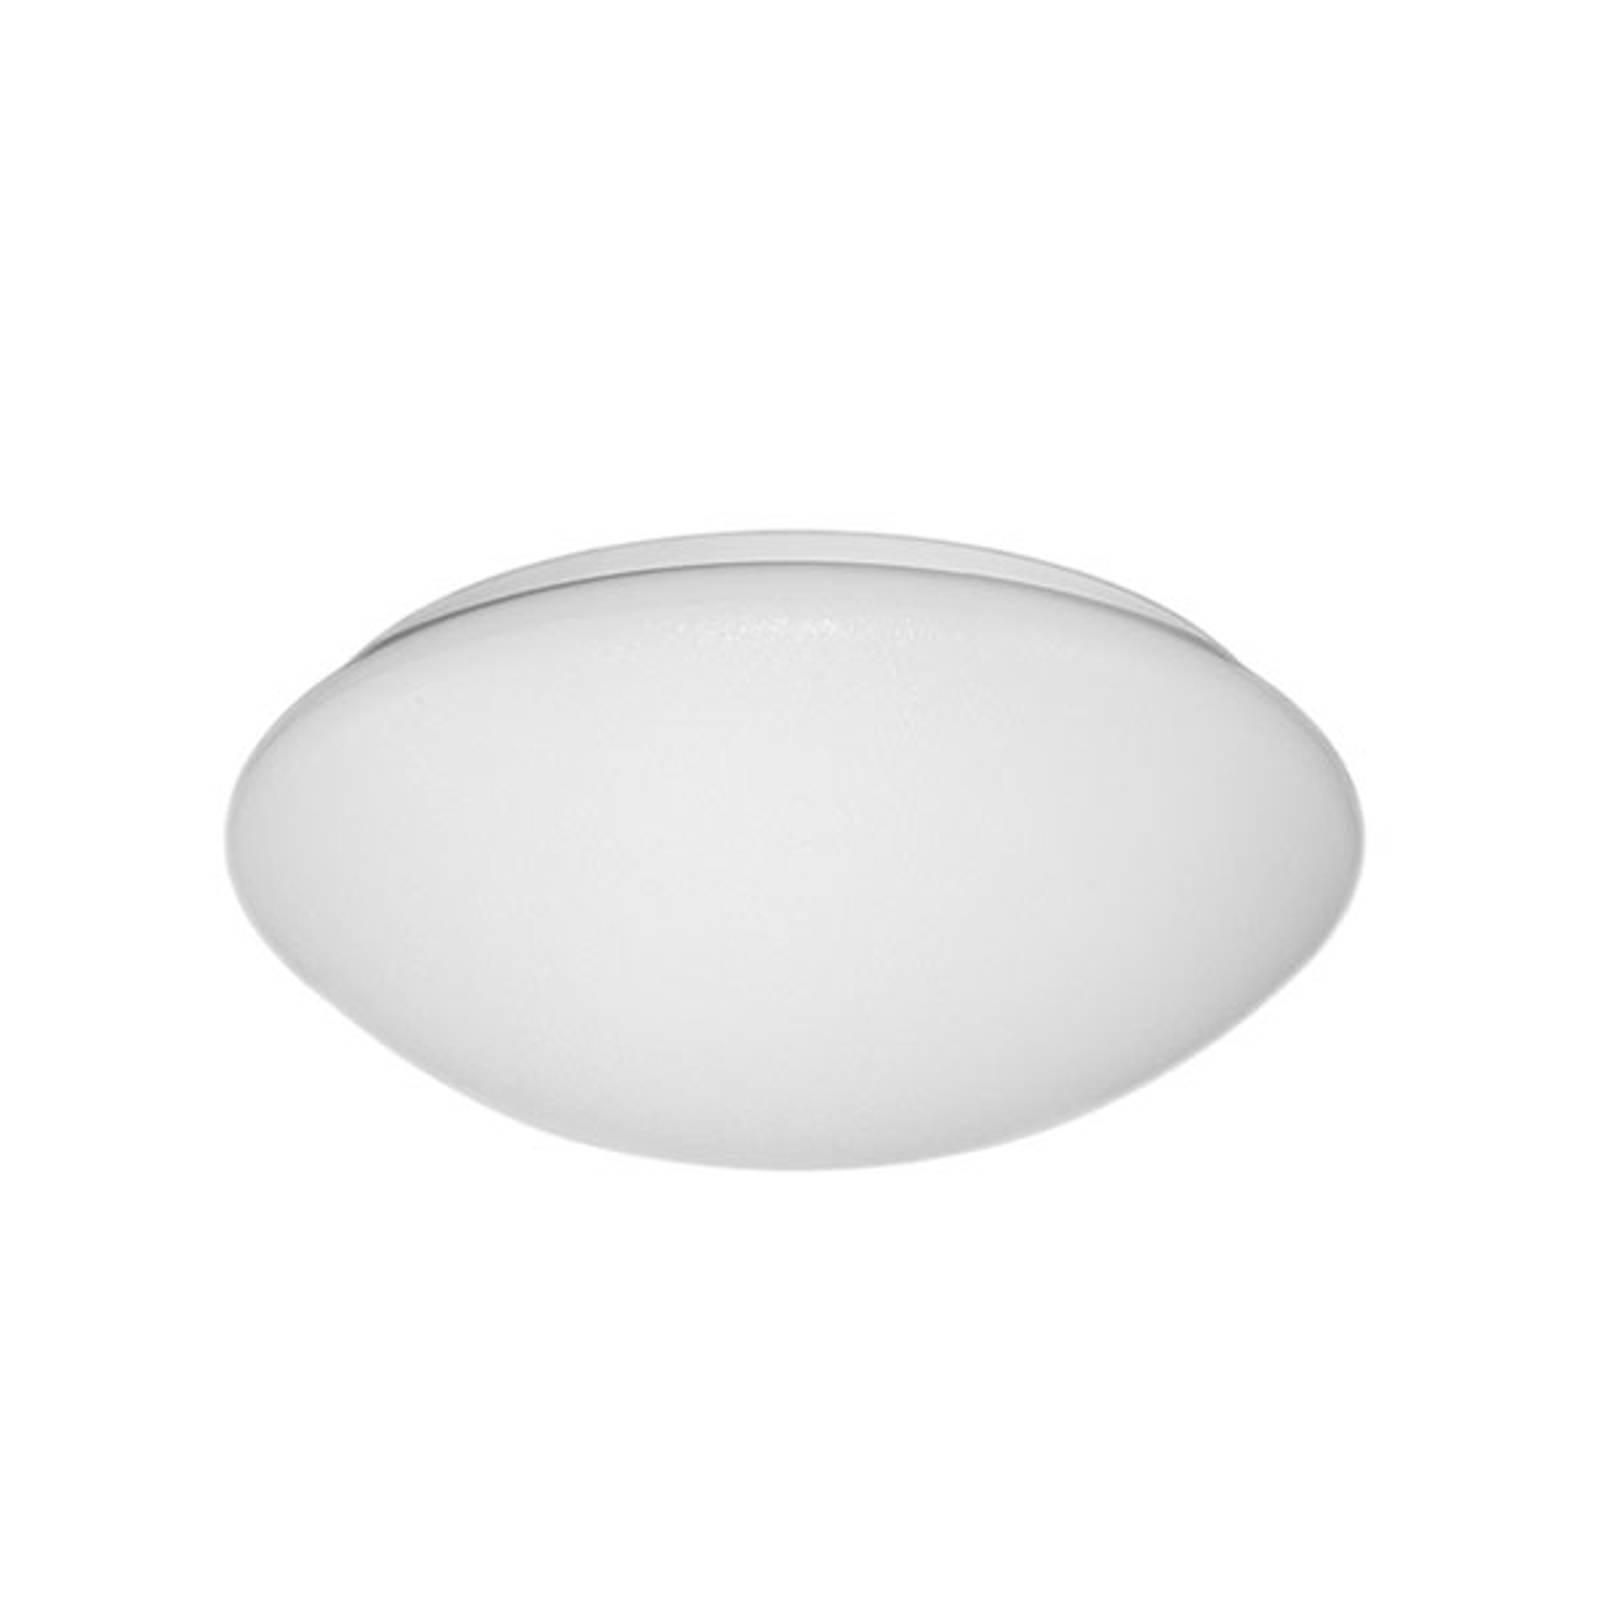 Pyöreä LED-valaisin, iskunkestävä, 14 W 3 000 K